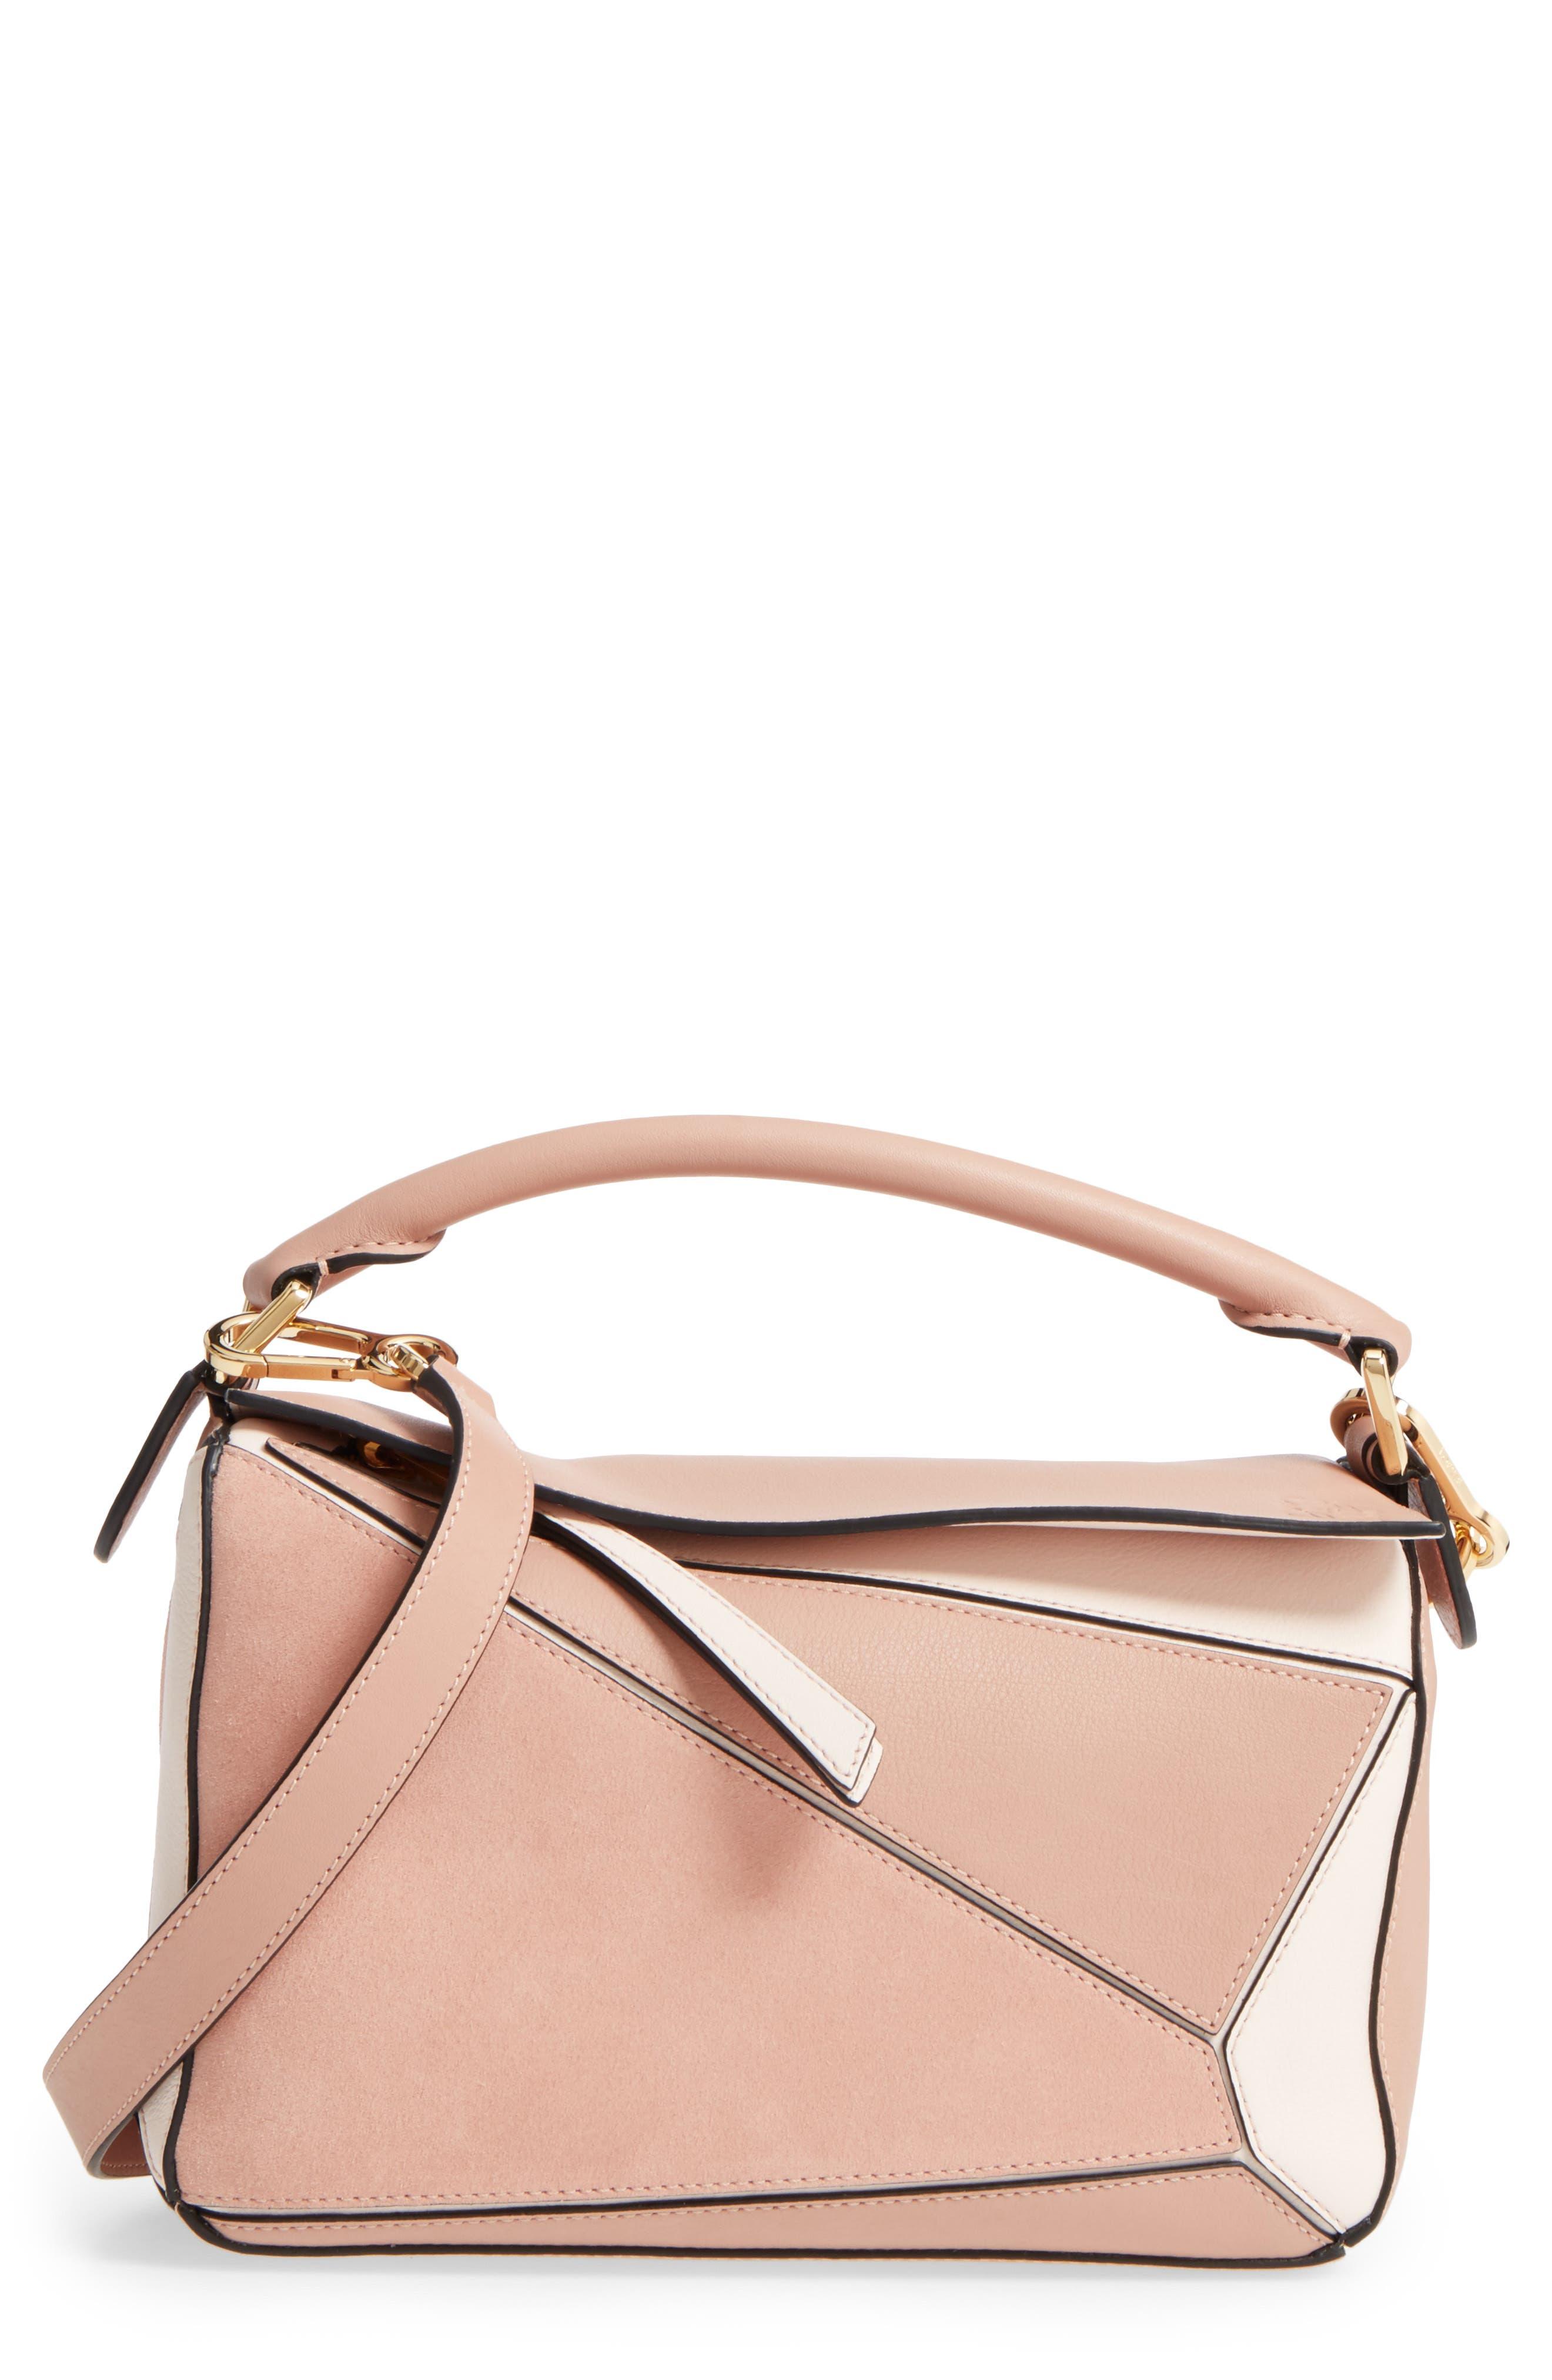 Small Puzzle Bicolor Leather Bag,                         Main,                         color, BLUSH MULTITONE